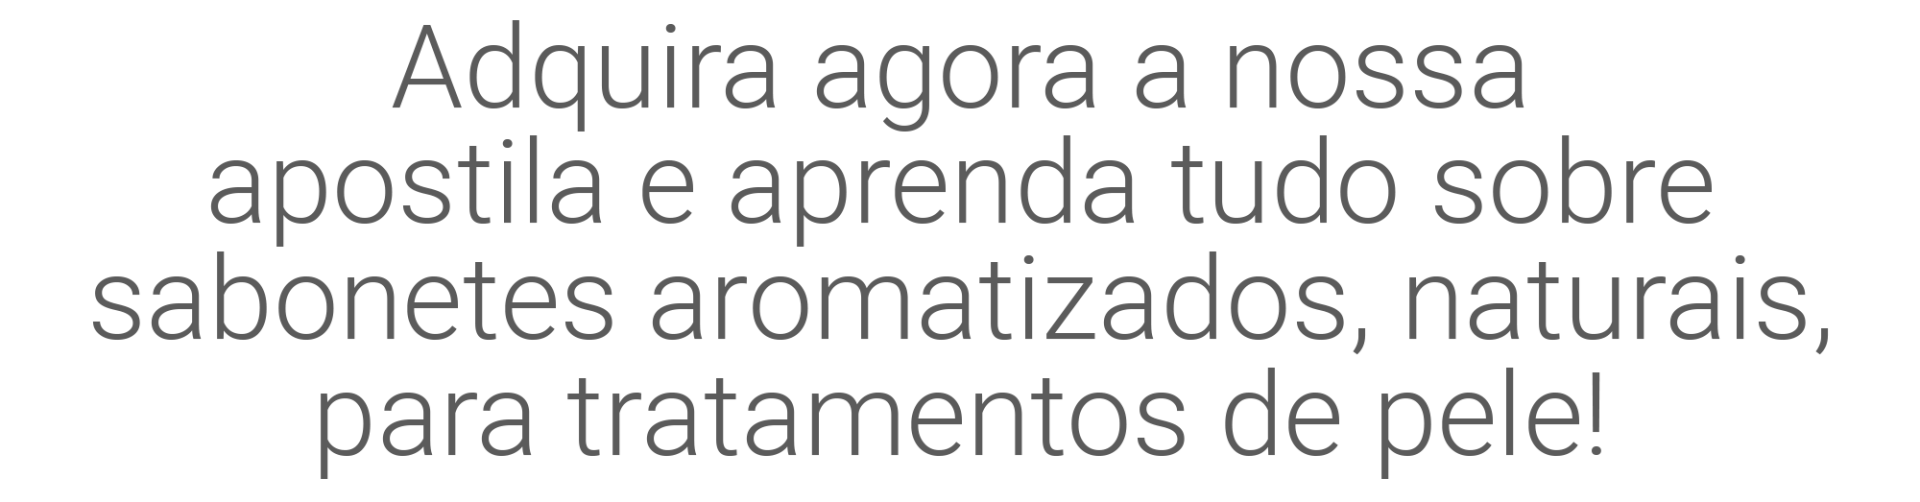 Sabonetes Artesanais e Caseiros